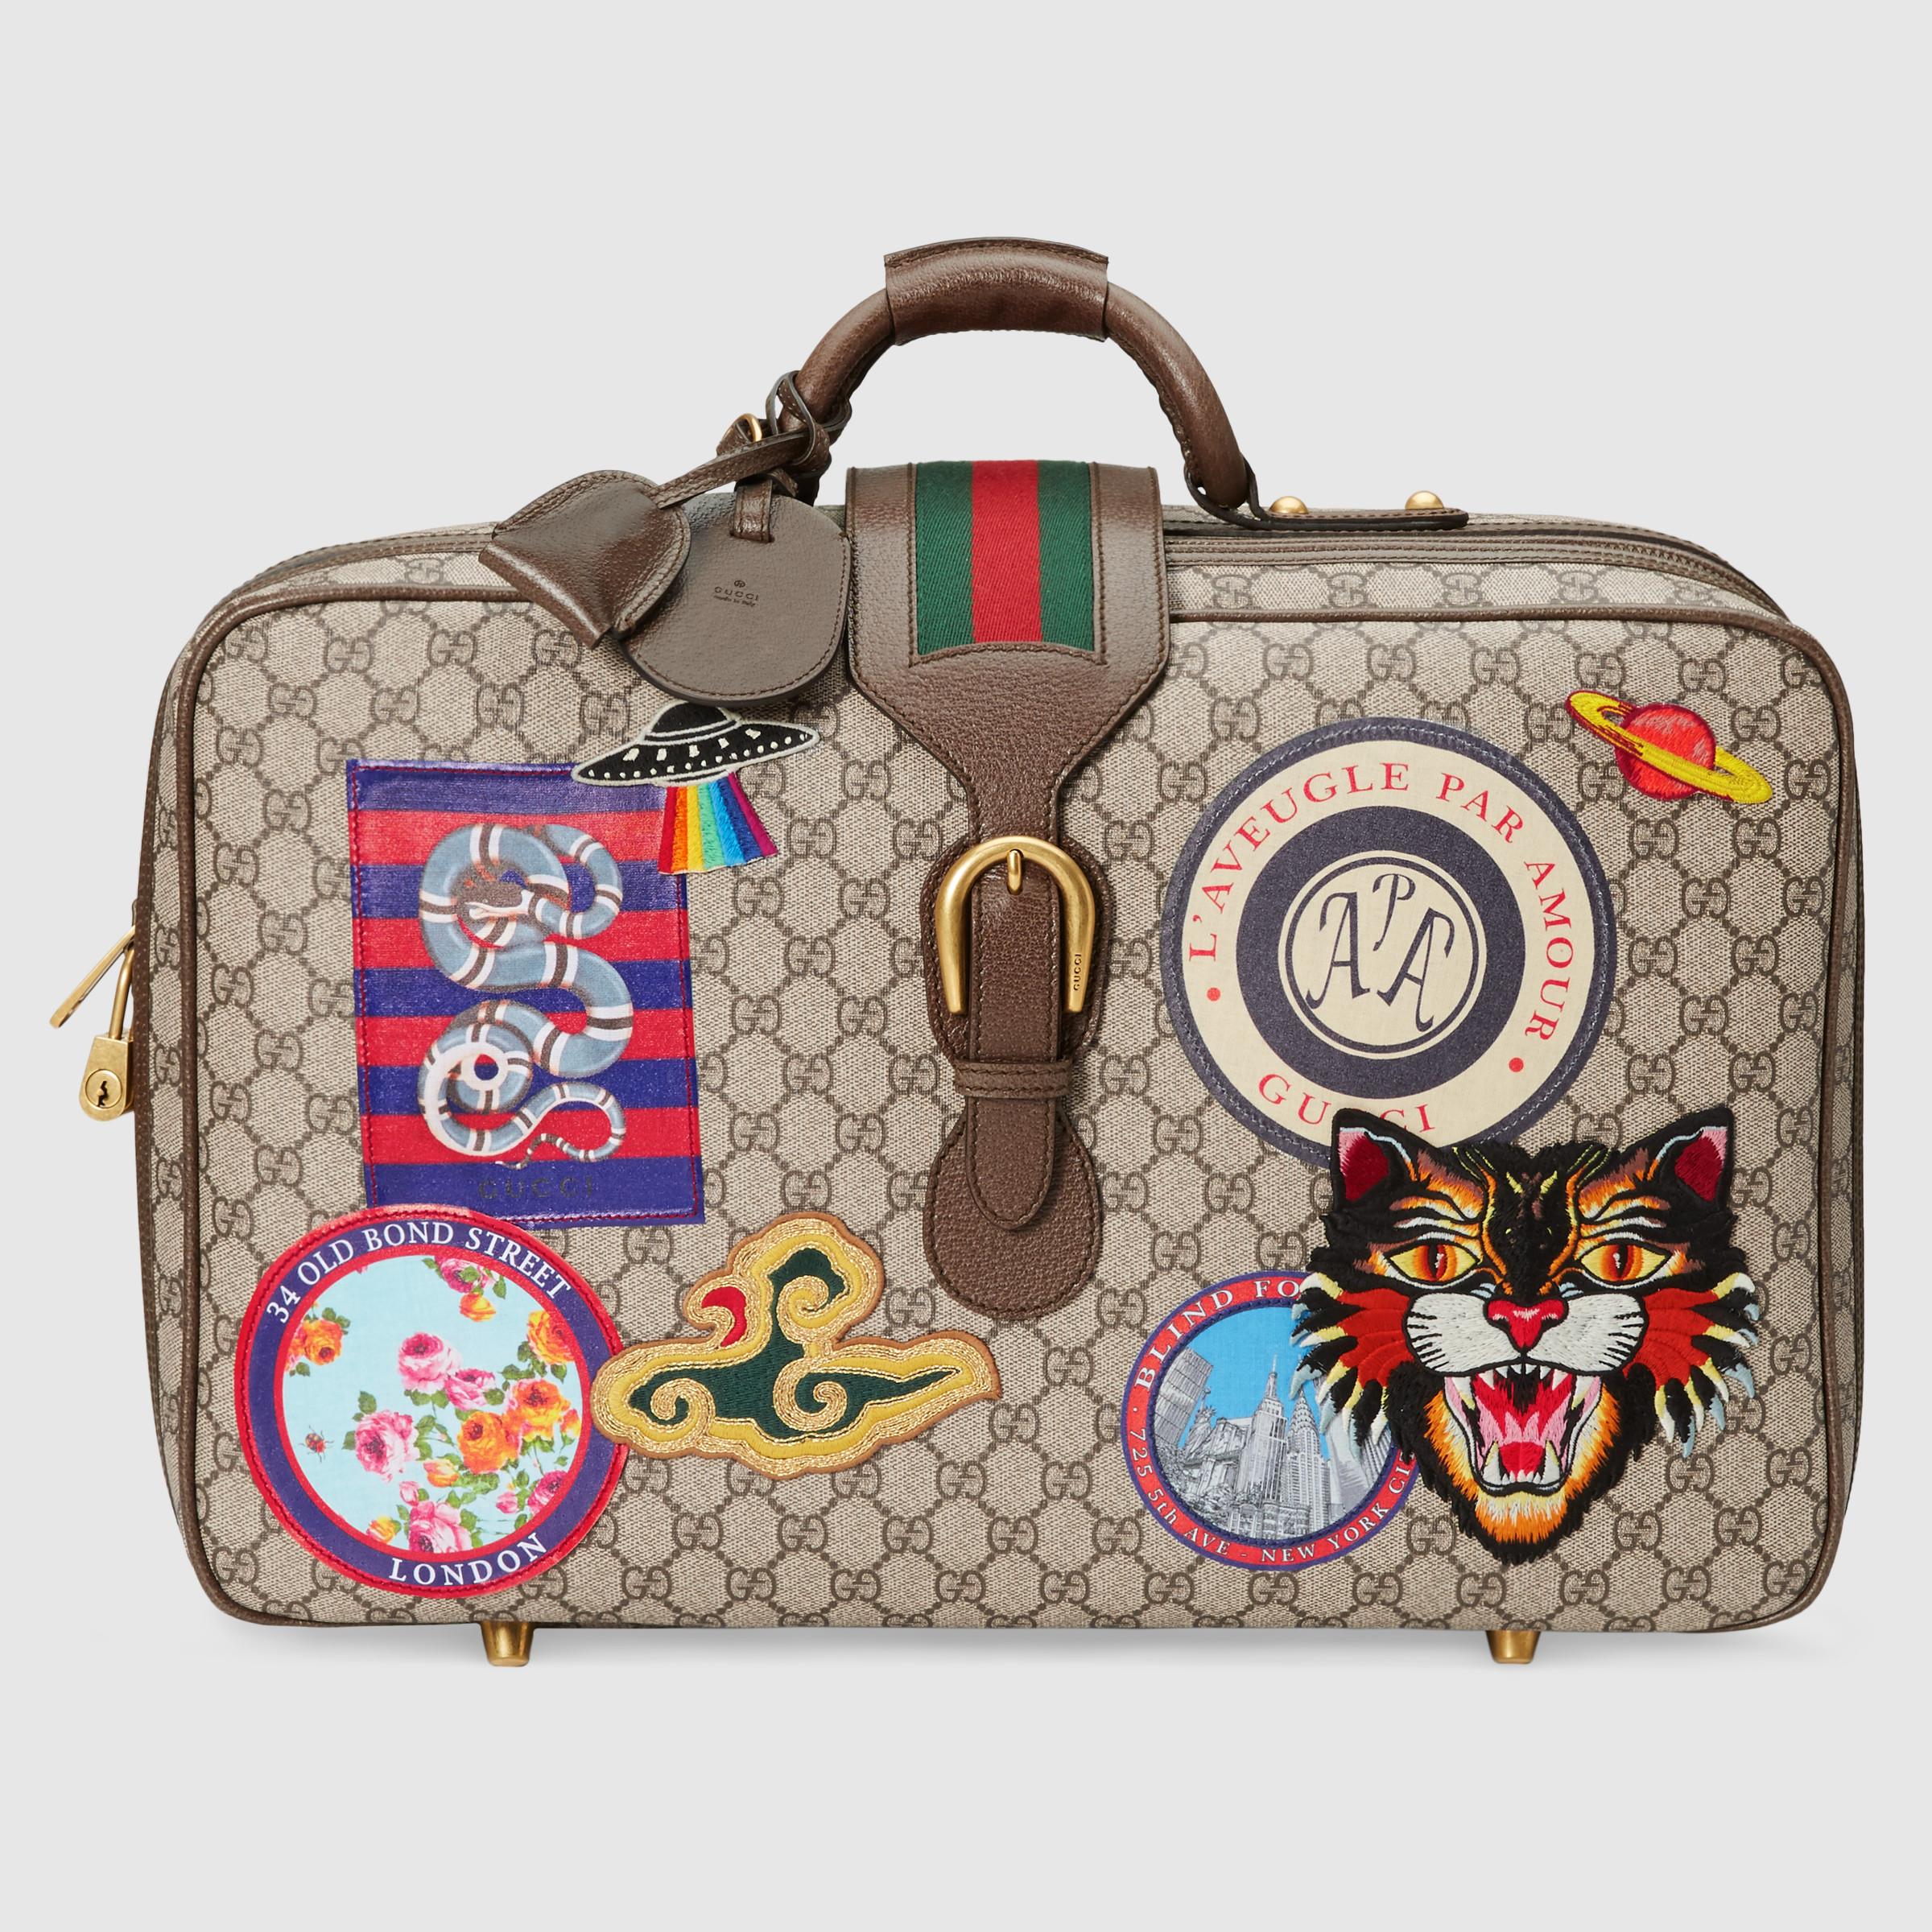 Stylish Suitcases